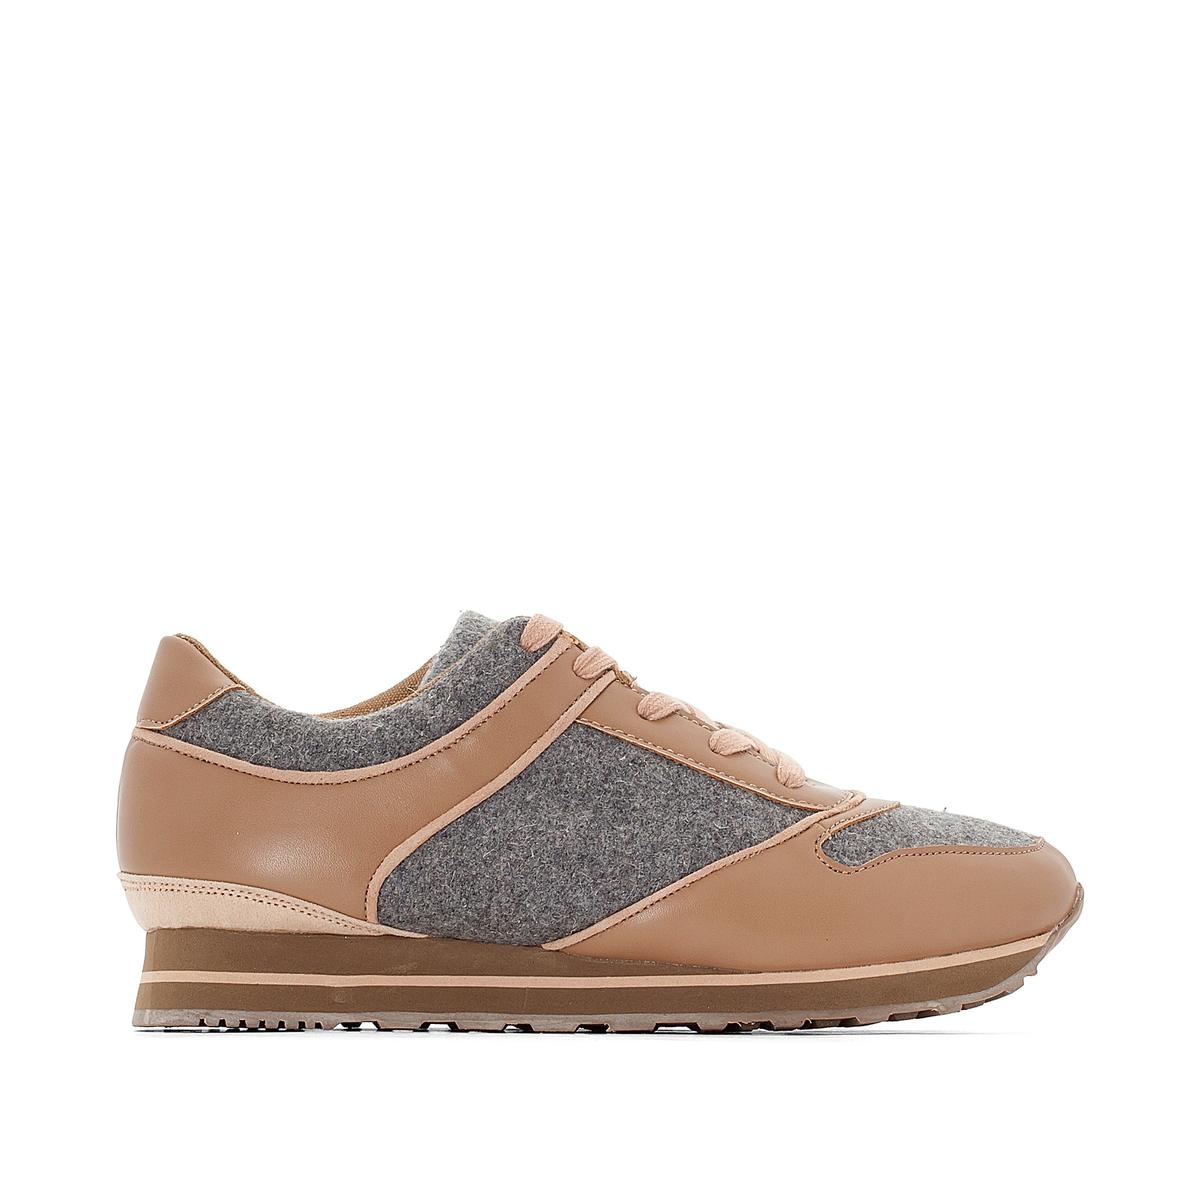 КедыДетали •  Спортивный стиль •  Плоский каблук •  Высота каблука : 0 см •  Застежка : шнуровка •  Гладкая отделкаСостав и уход •  Верх 50% шерсти, 50% синтетики •  Подкладка 100% текстиль •  Стелька 100% текстиль •  Подошва 100% эластомер<br><br>Цвет: серый<br>Размер: 38.40.41.39.42.43.44